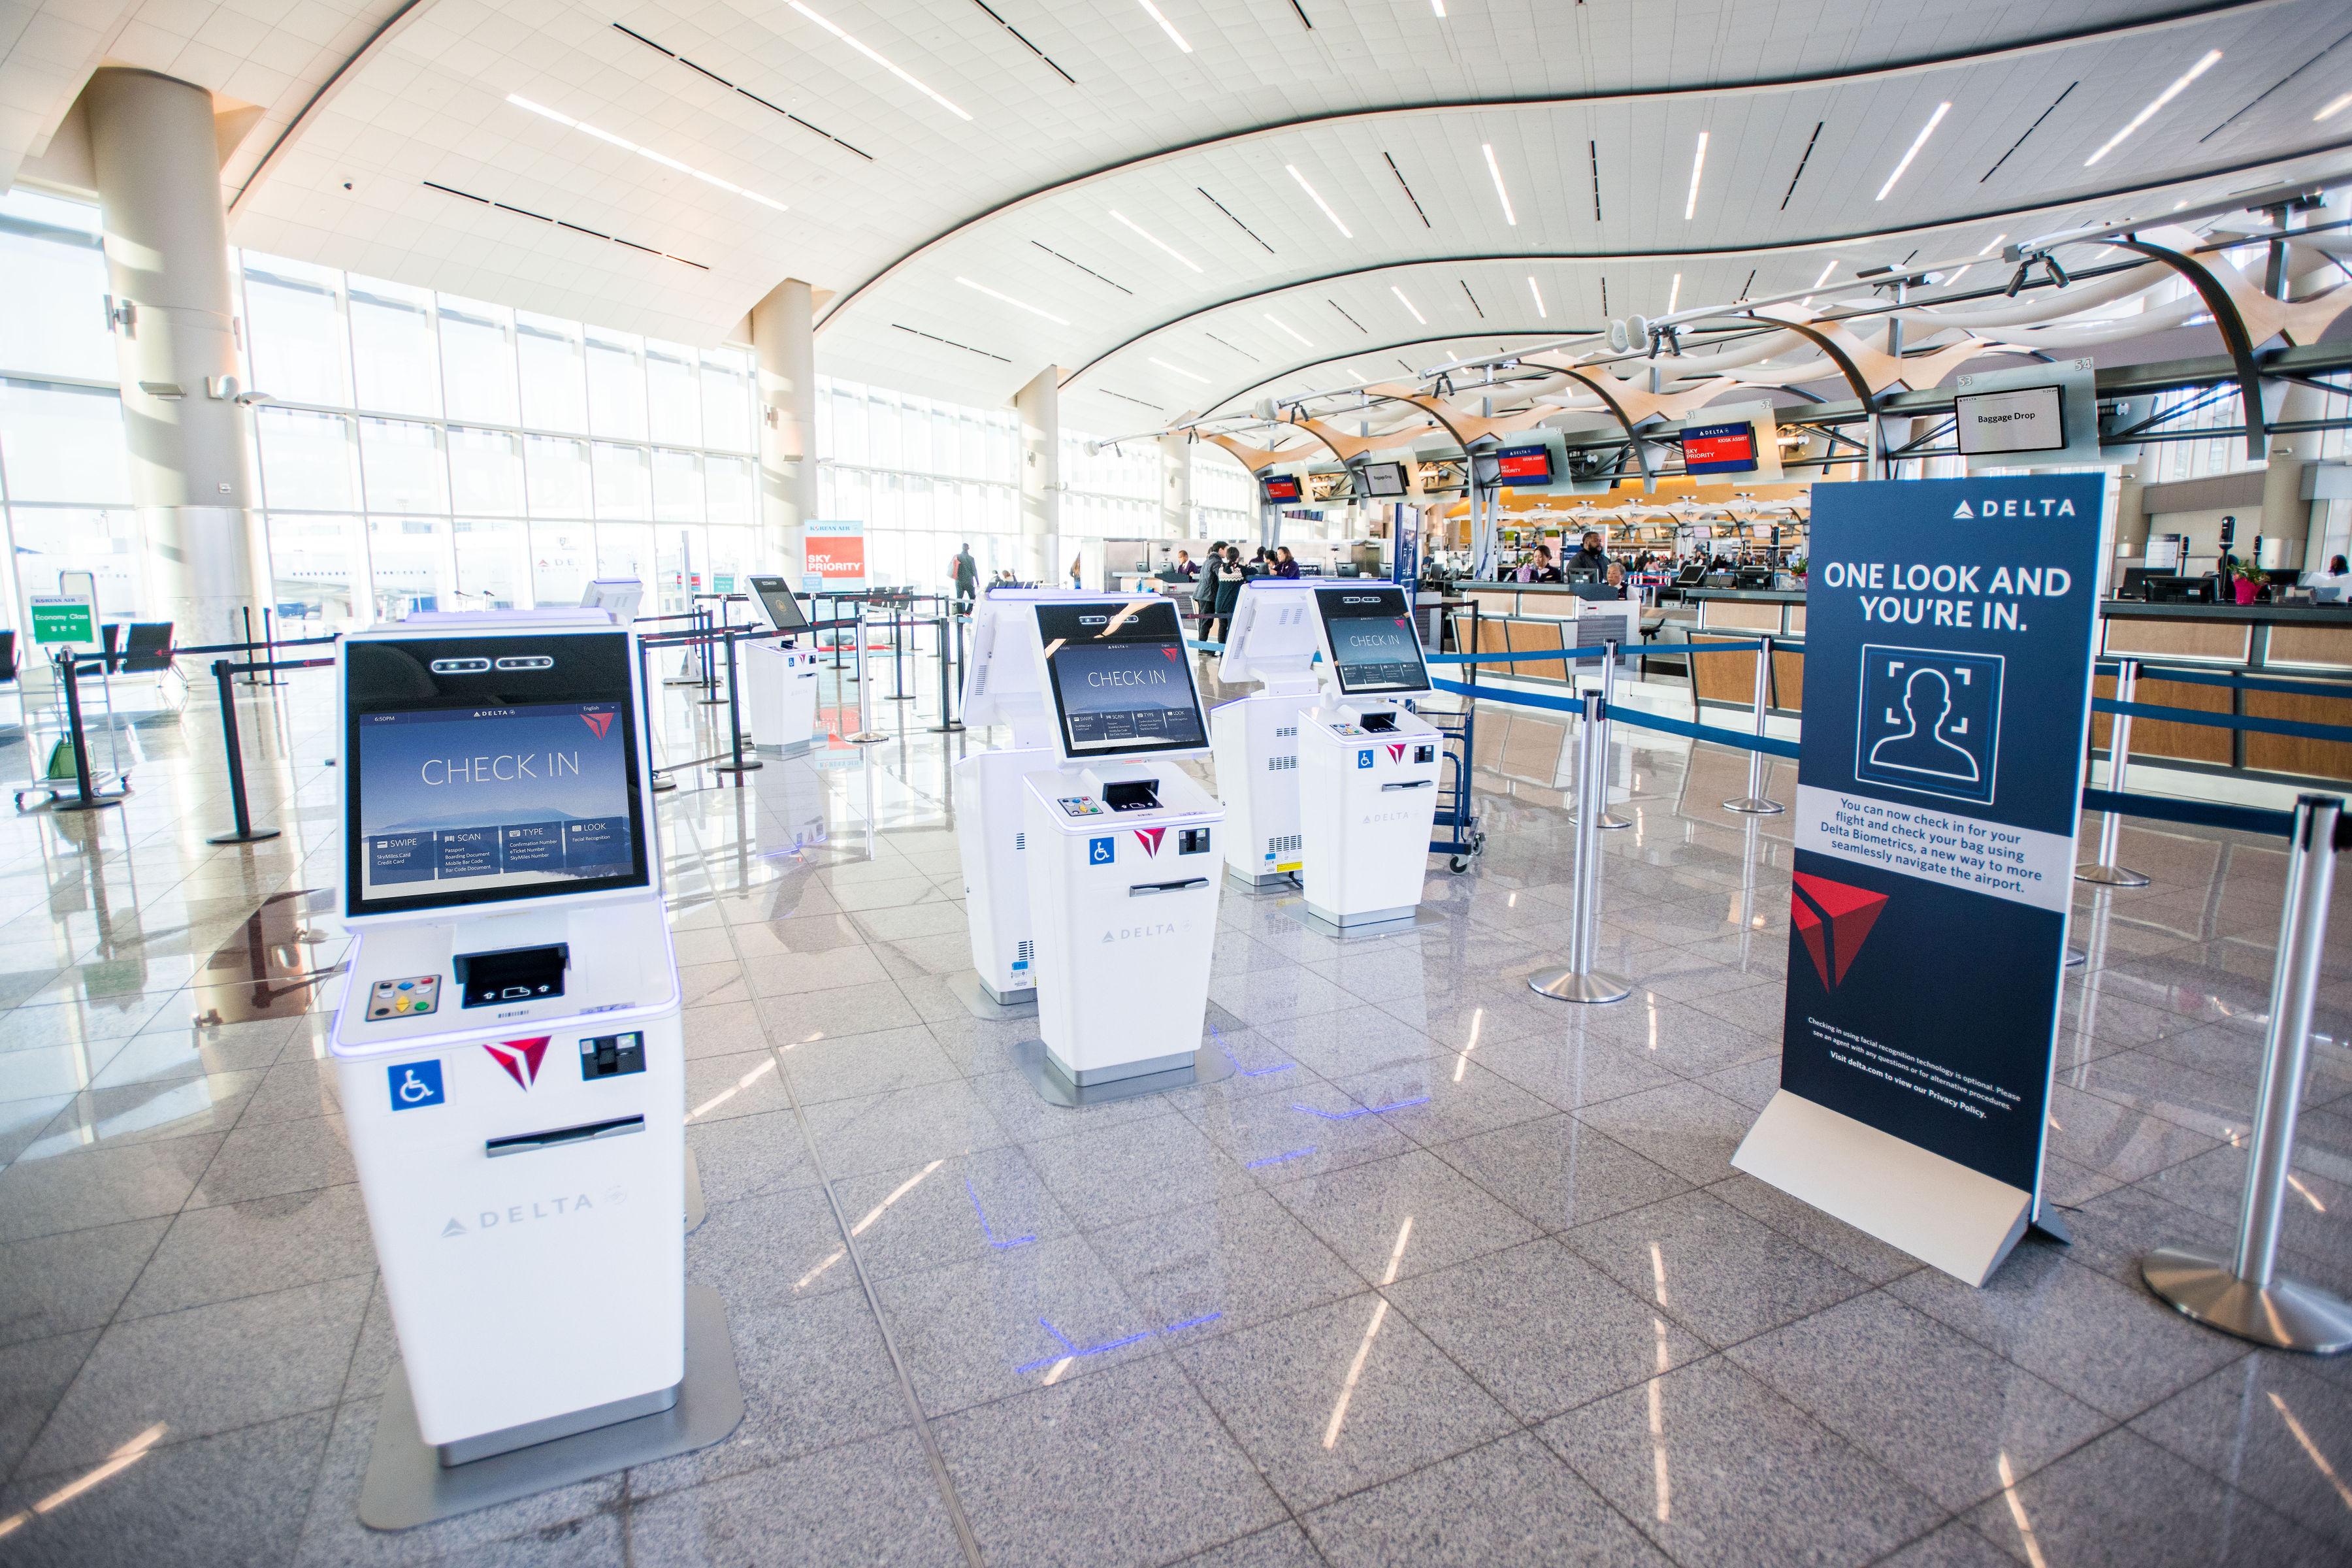 Atlanta Airport Terminal Map, Atlanta Airport Terminal F Self Service Kiosks With, Atlanta Airport Terminal Map